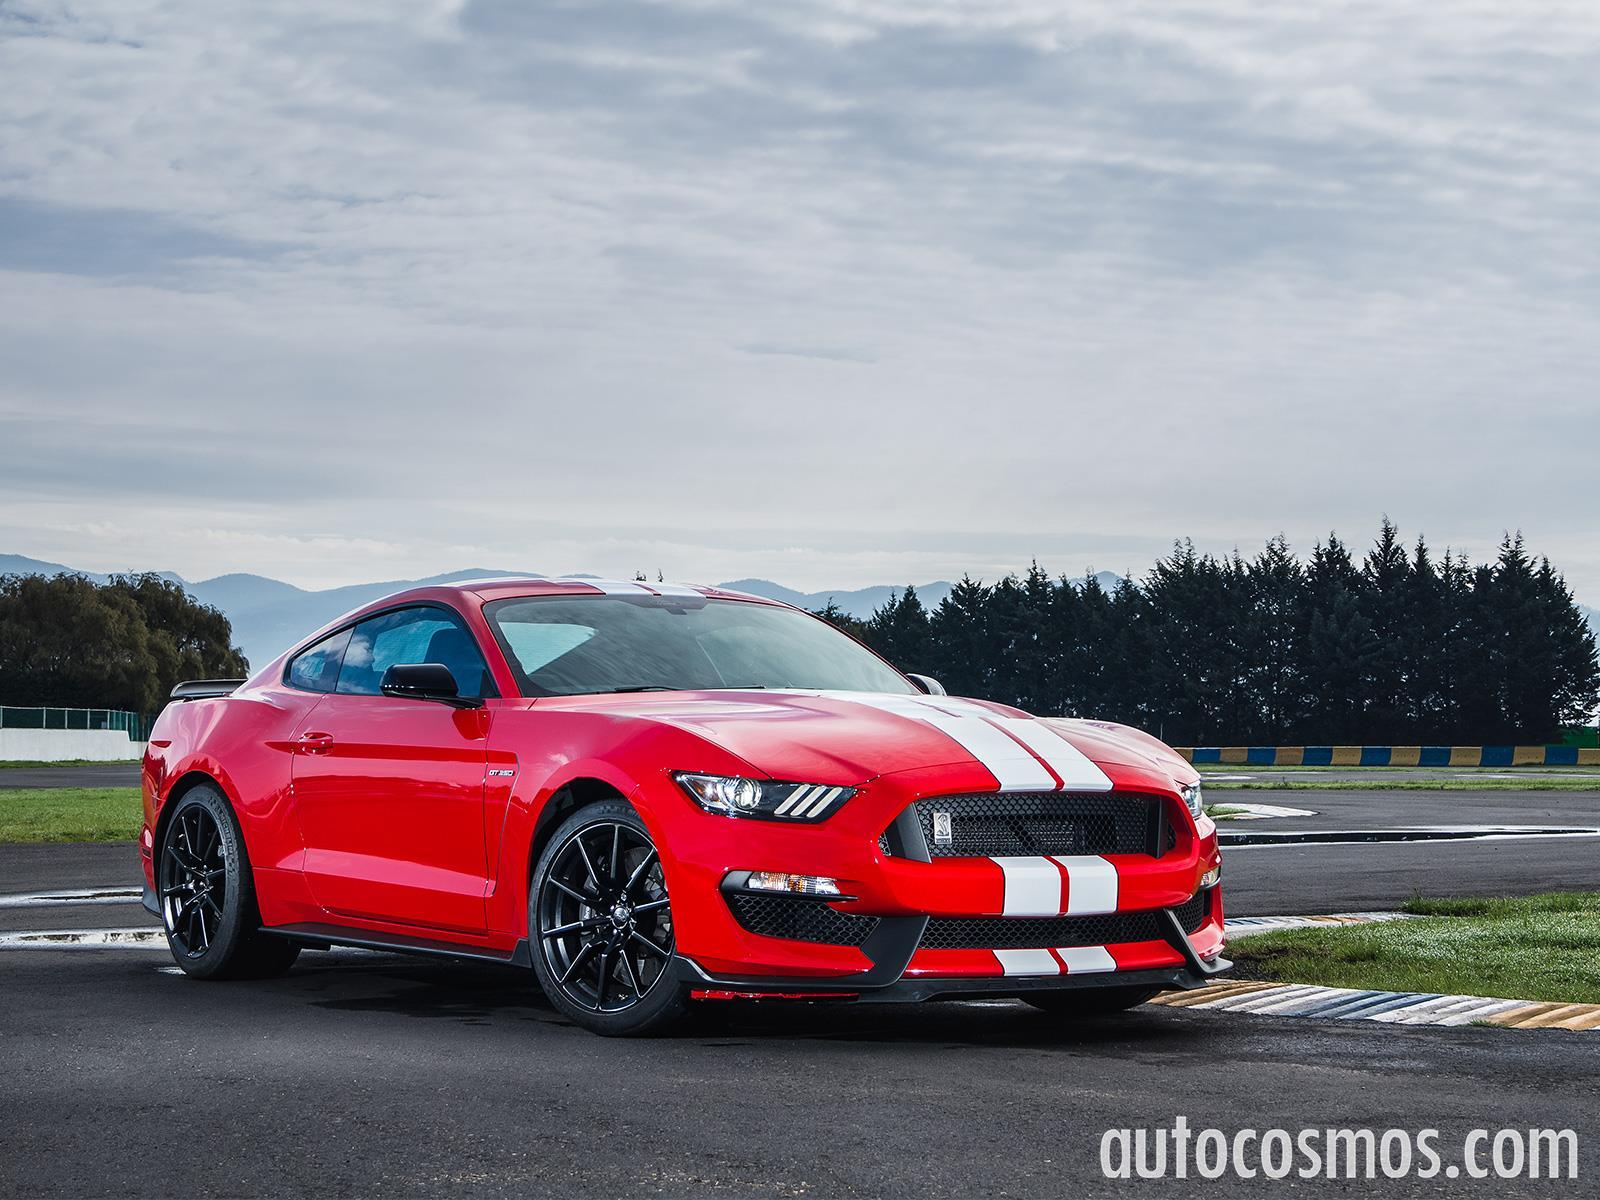 Manejamos El Ford Shelby Mustang Gt350 2016 Autocosmos Com